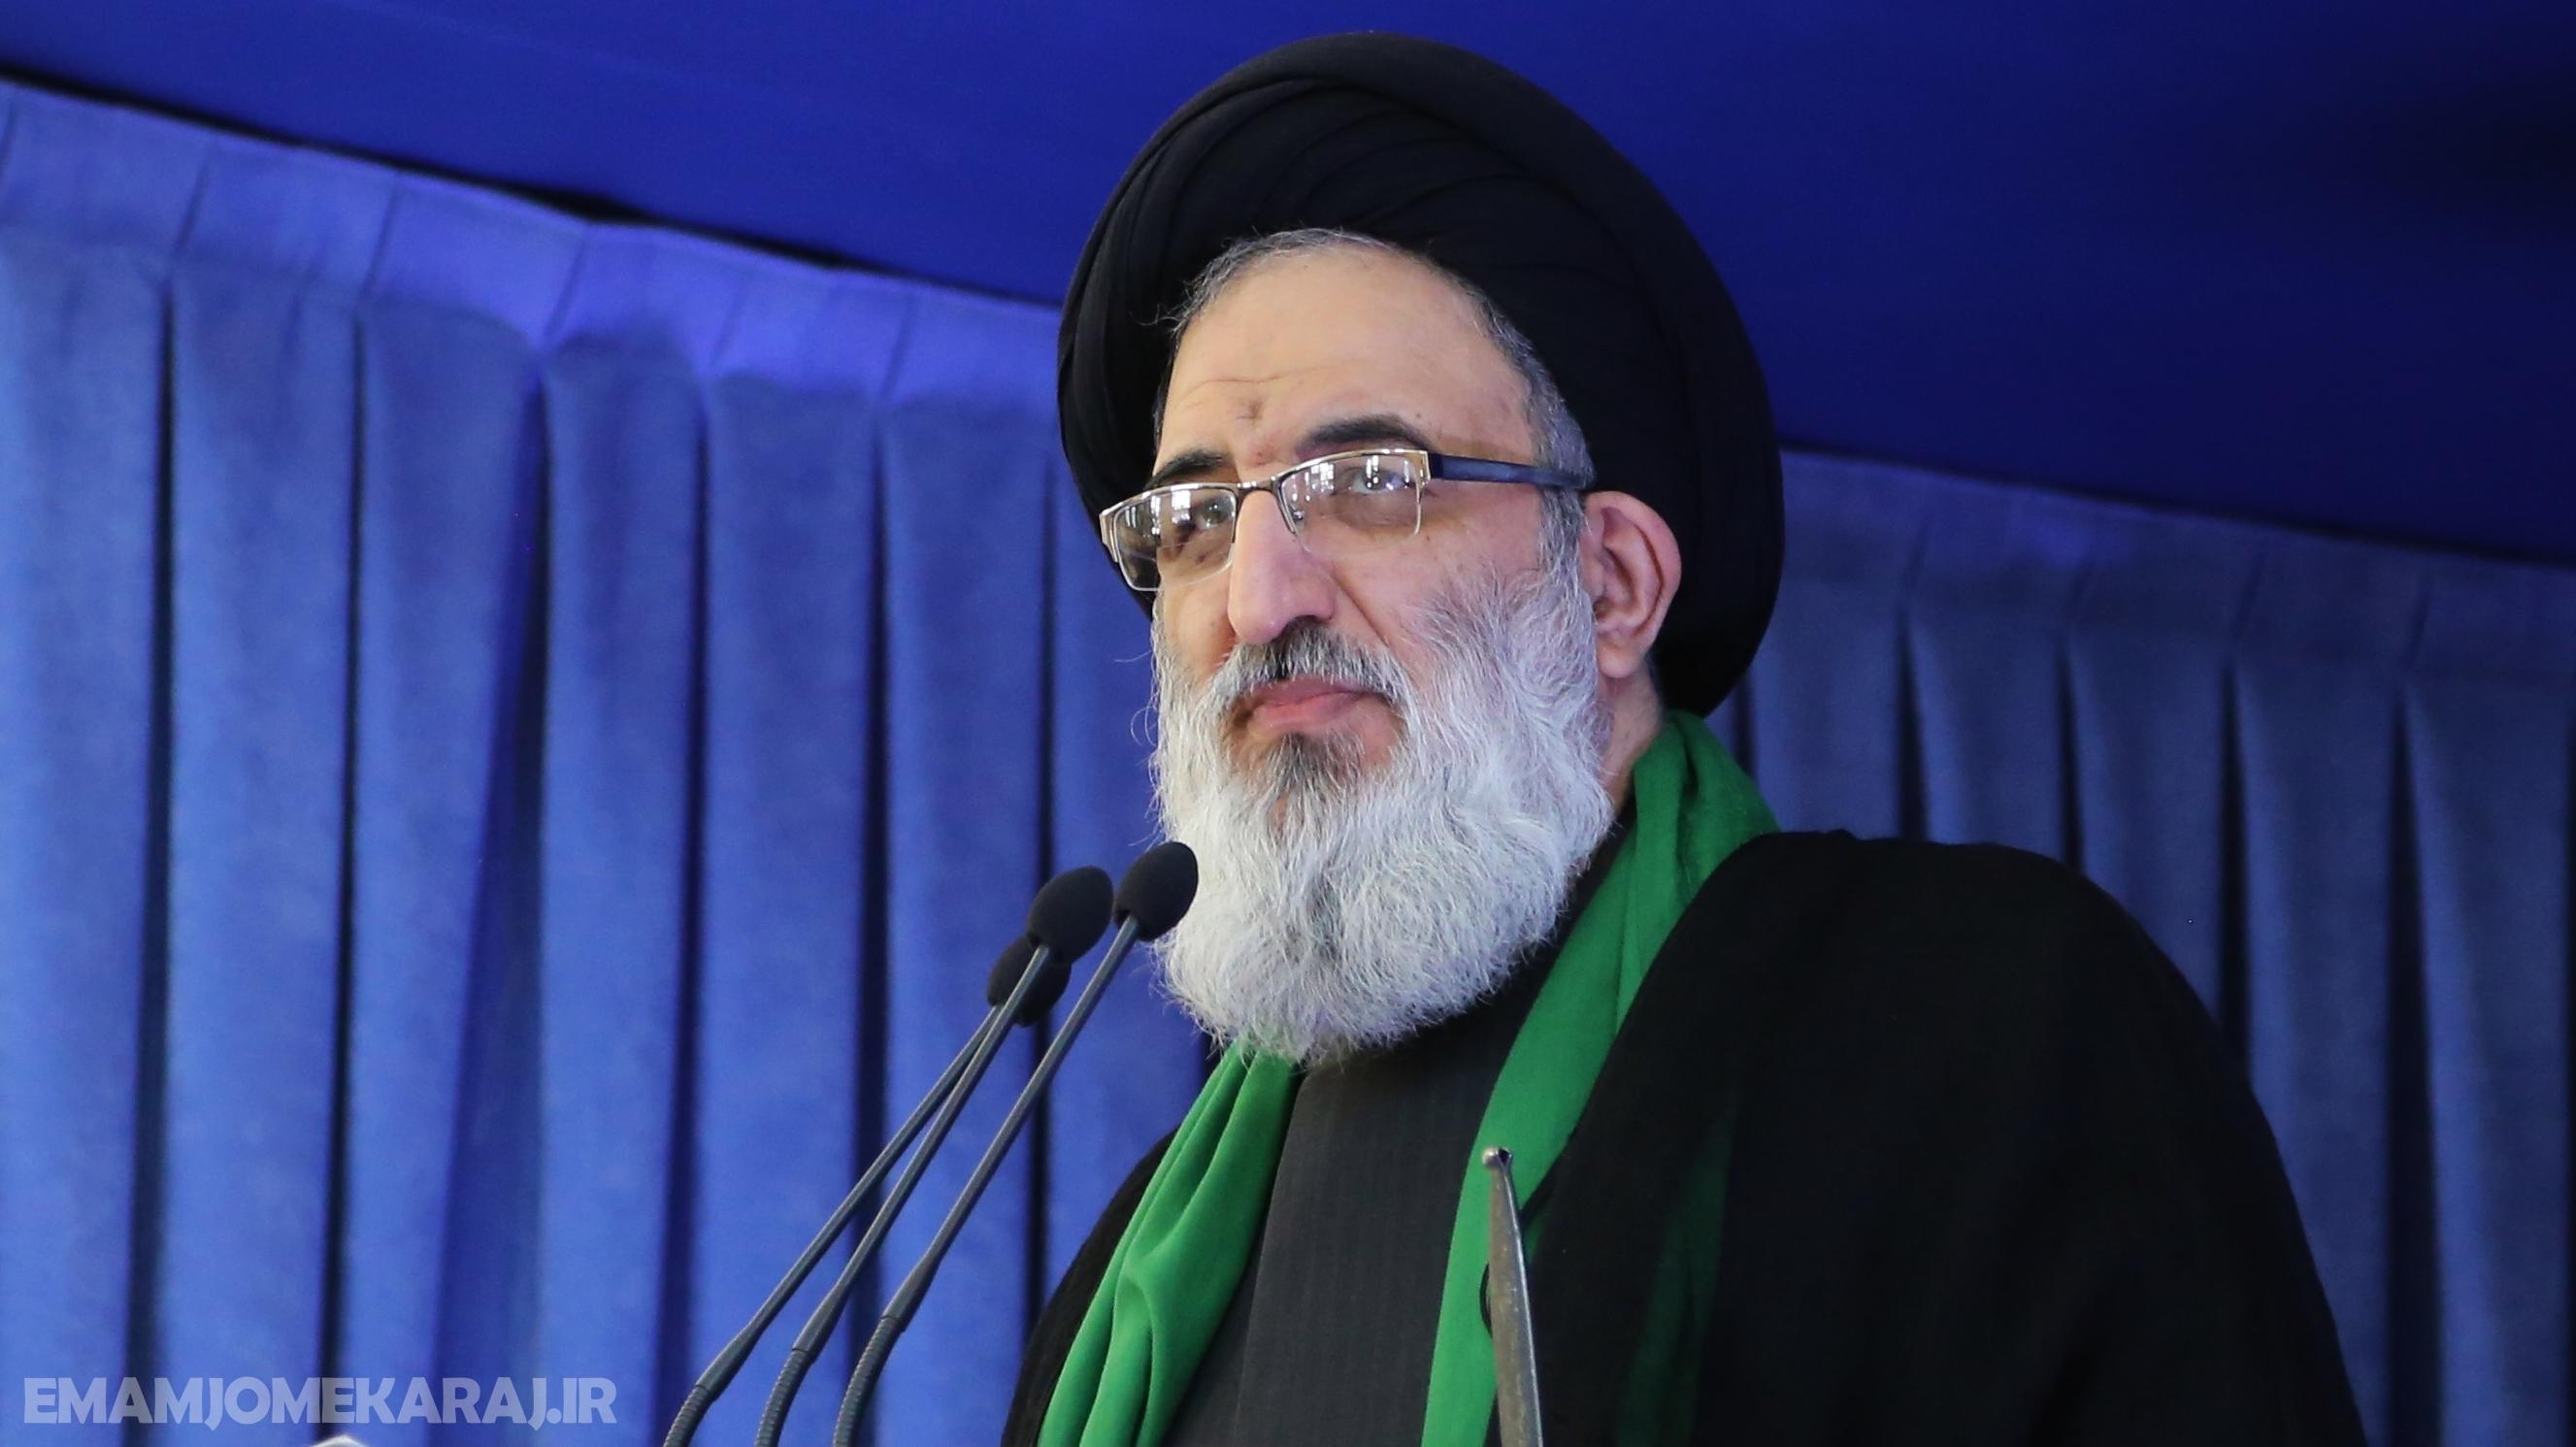 آمریکا بزرگترین ناقض حقوق بشر است / طراحی جدید دشمن تخریب و هجمه به رهبر انقلاب اسلامی است